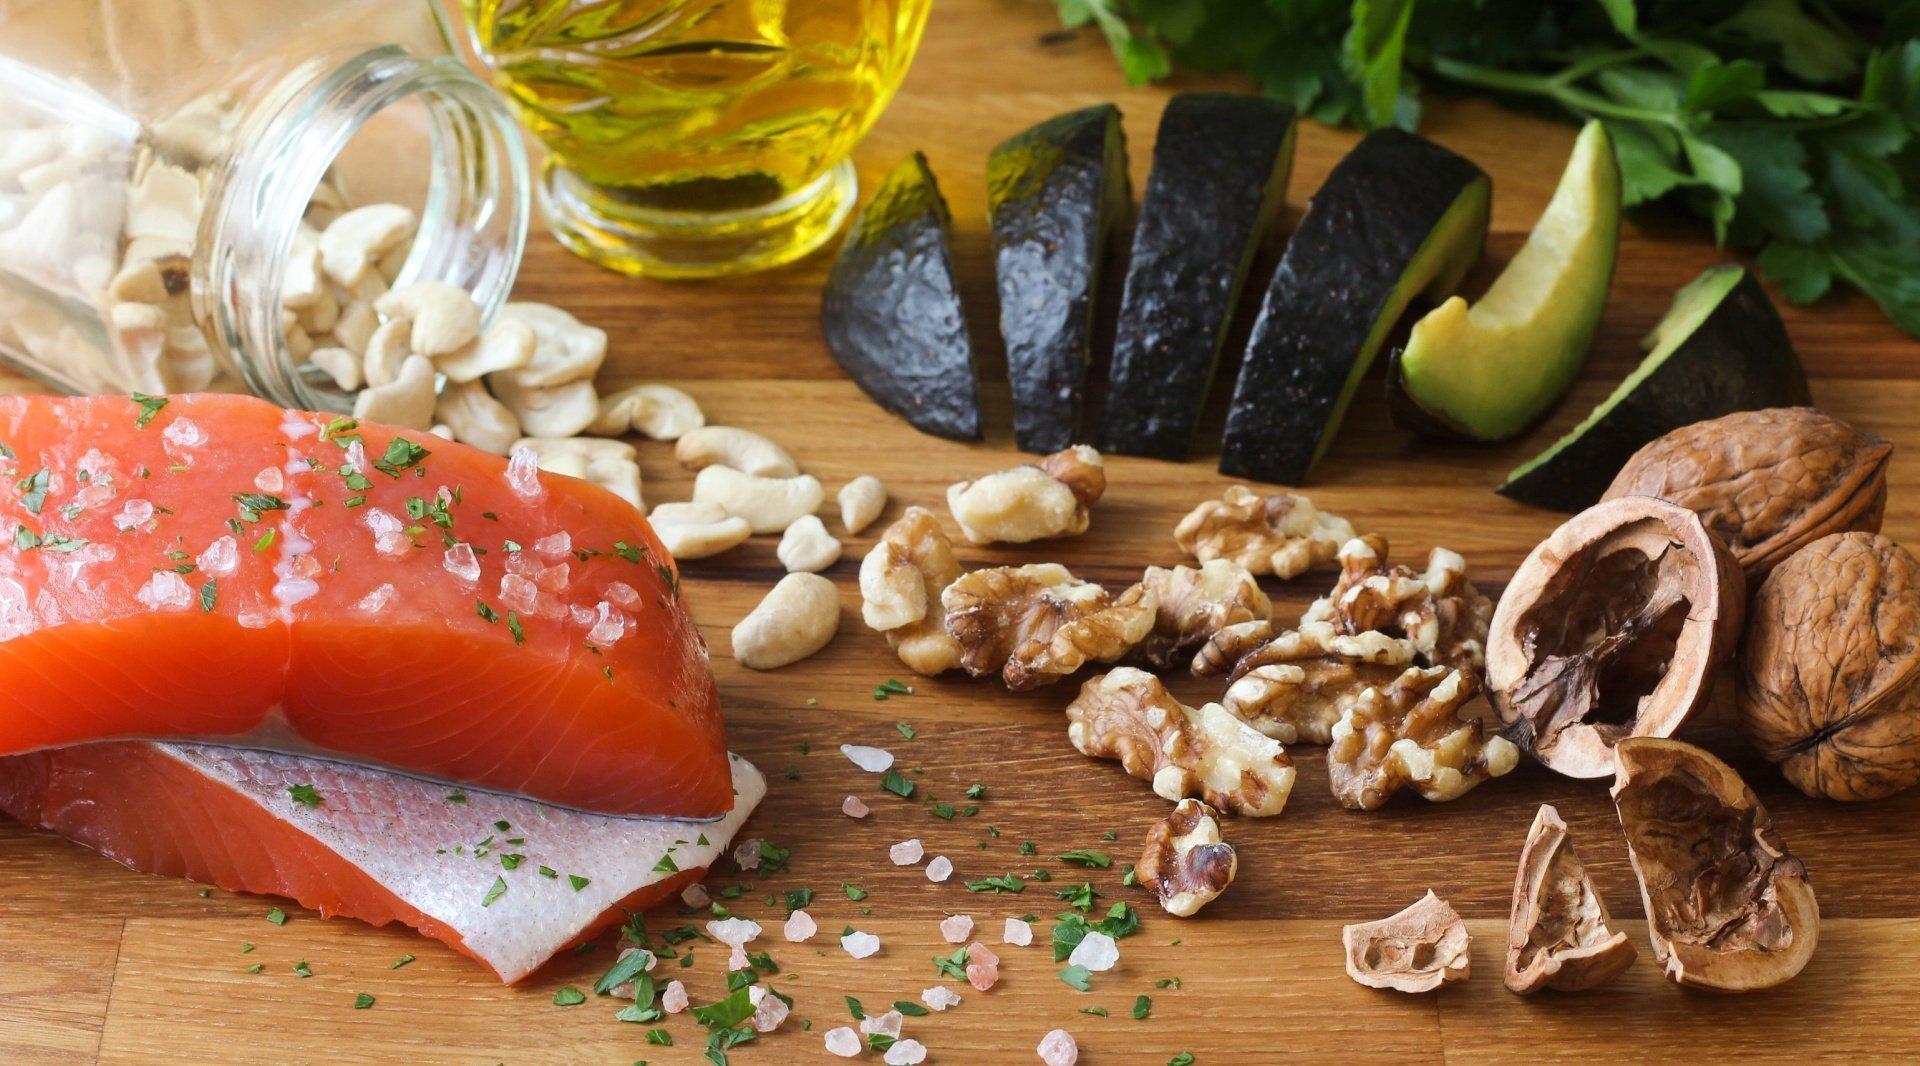 Chống lão hóa da bổ sung axit béo